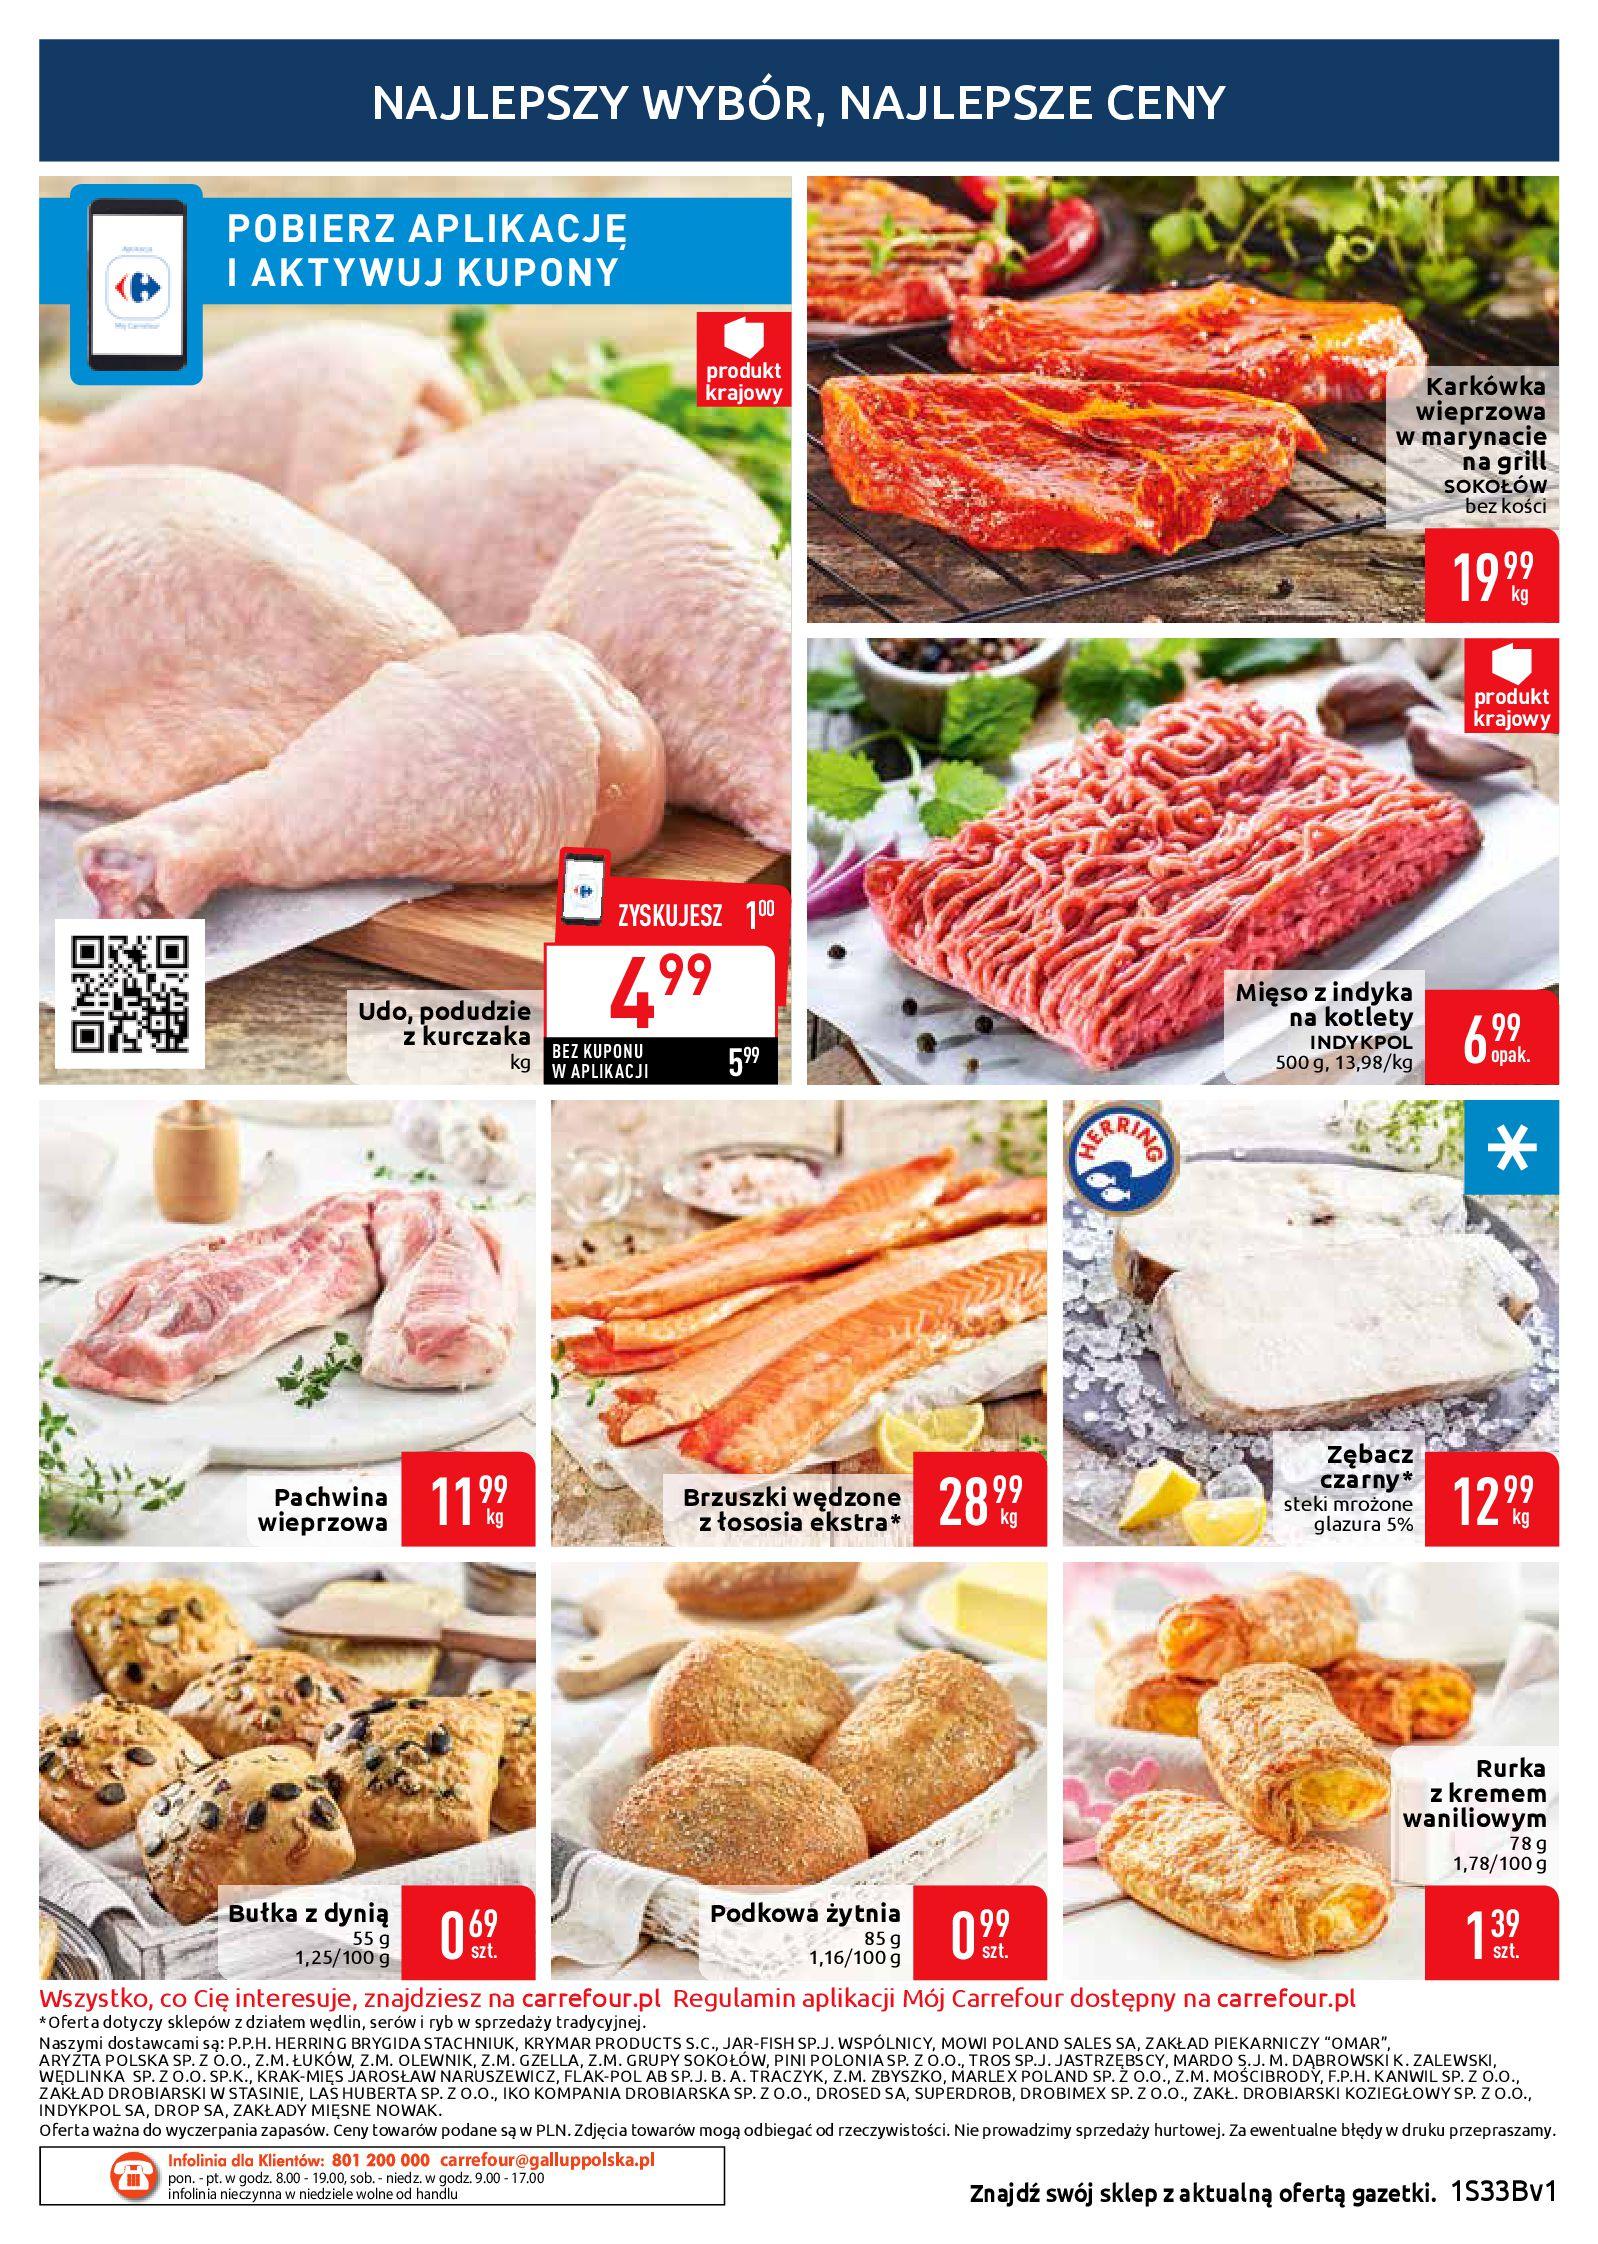 Gazetka Carrefour Market - Najlepszy wybór, najlepsze ceny-12.08.2019-19.08.2019-page-